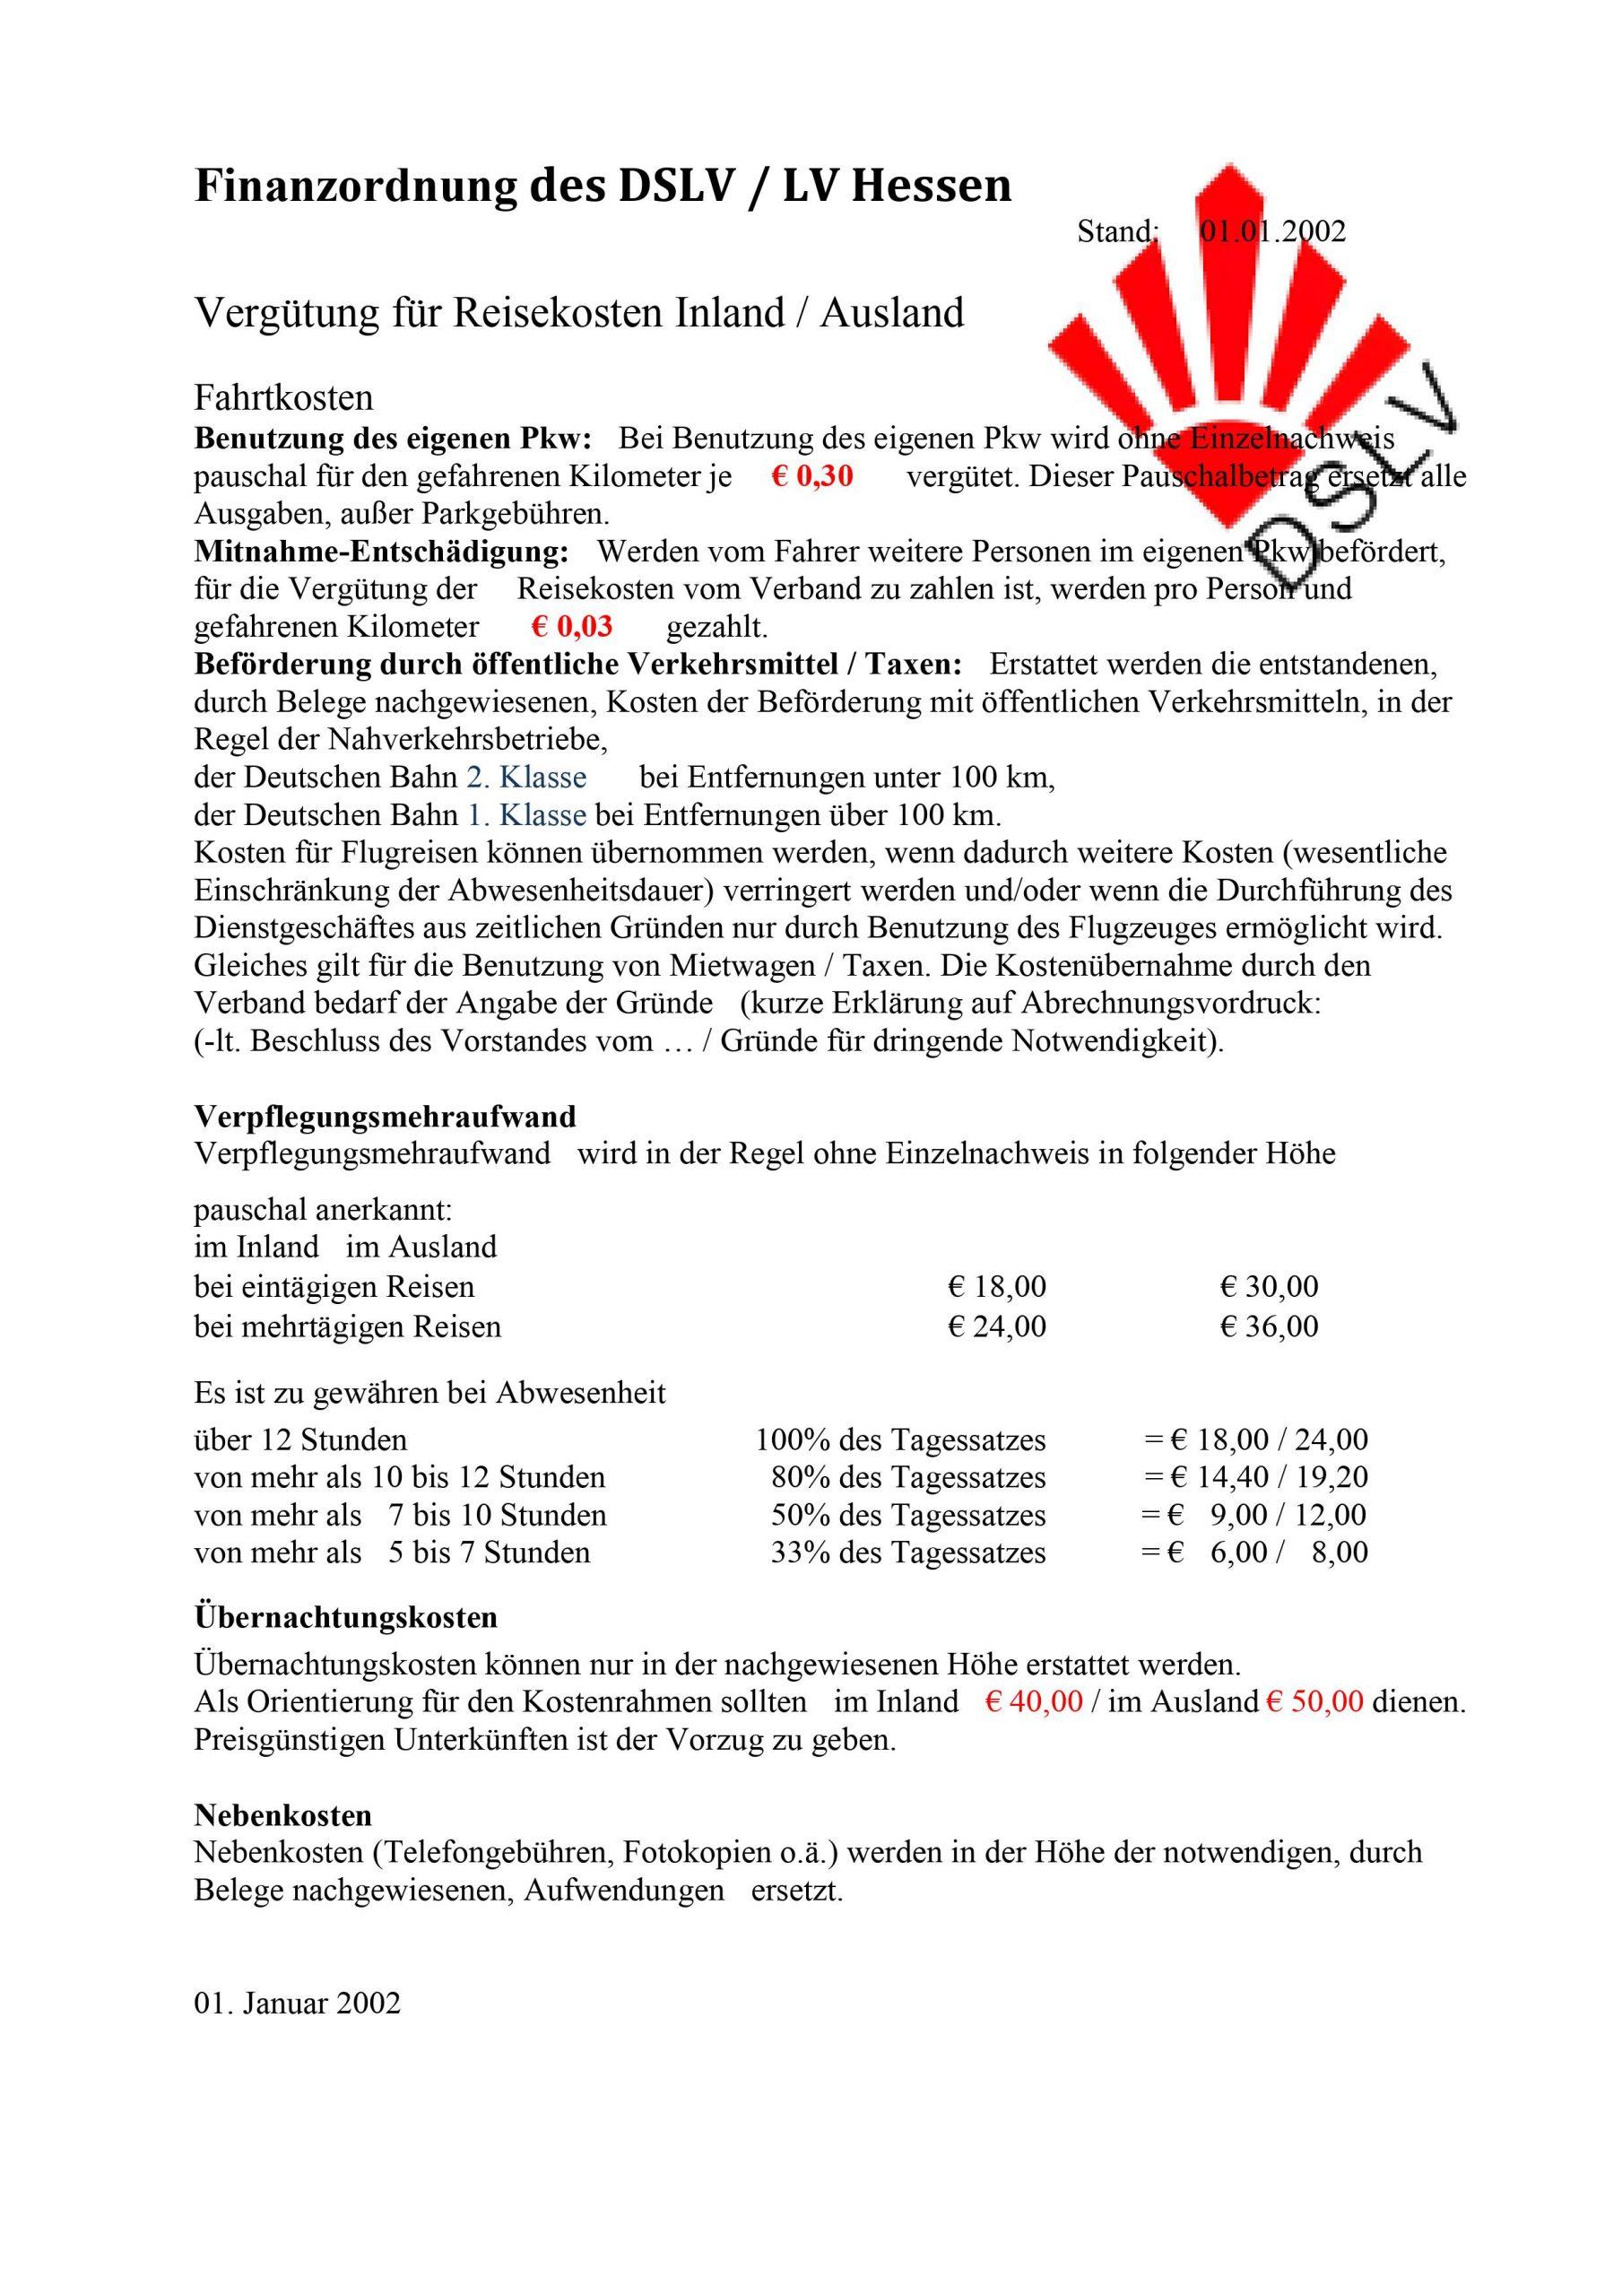 Satzung des DSLV Hessen 3